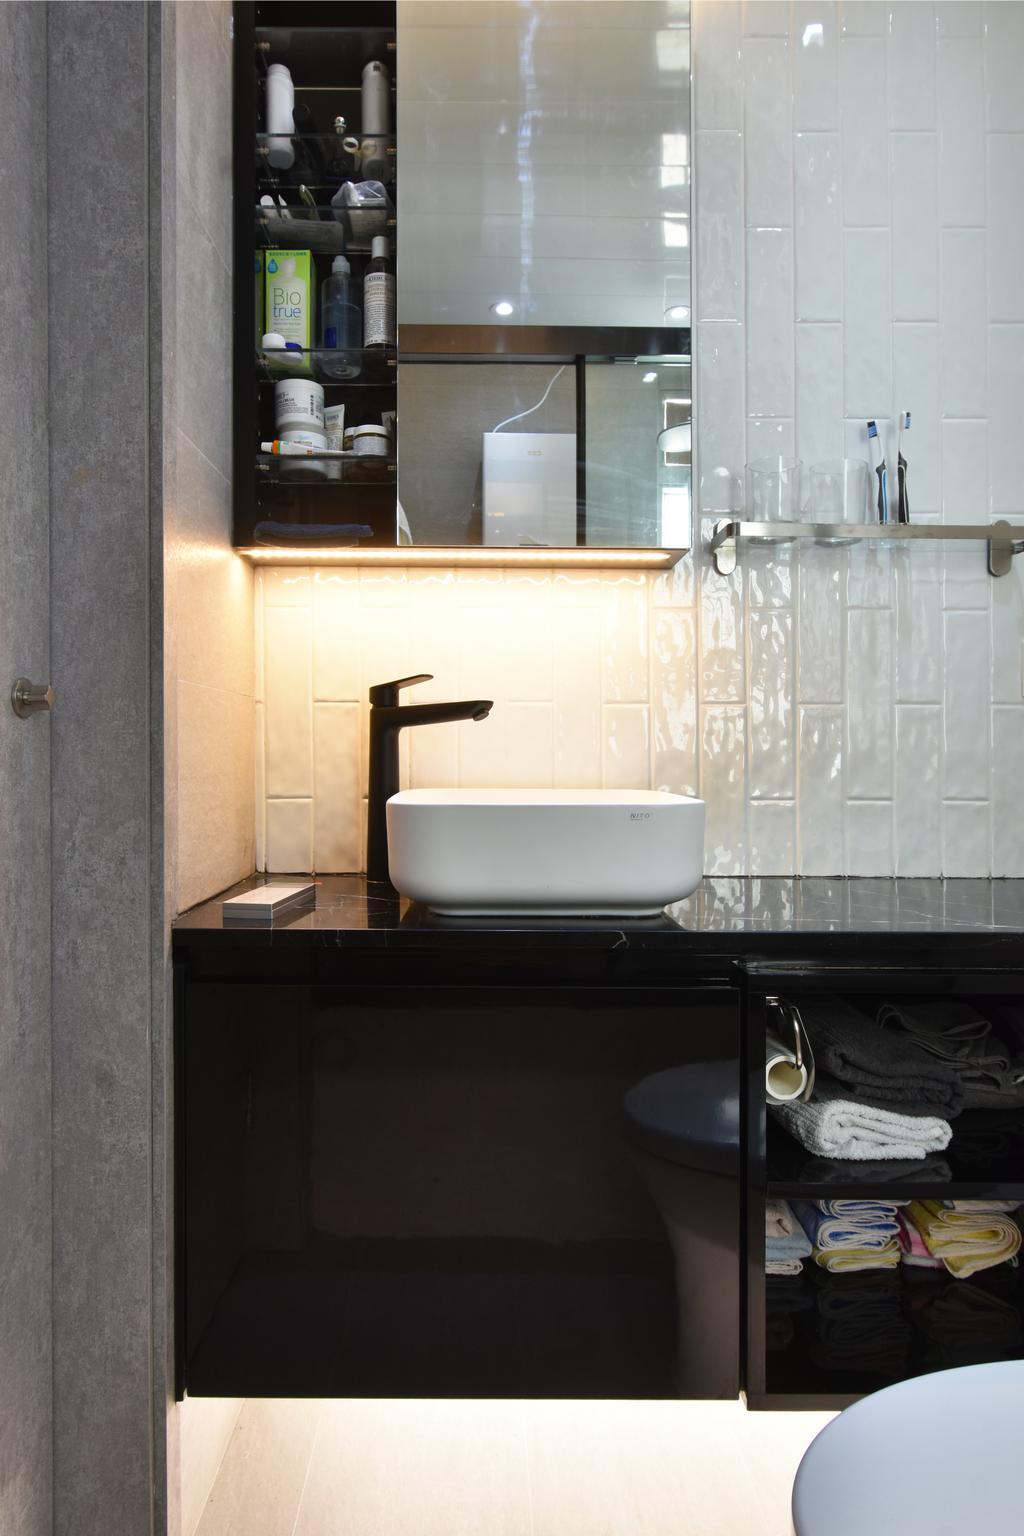 摩登, 私家樓, 浴室, 銀蔚苑, 室內設計師, X Ka Design